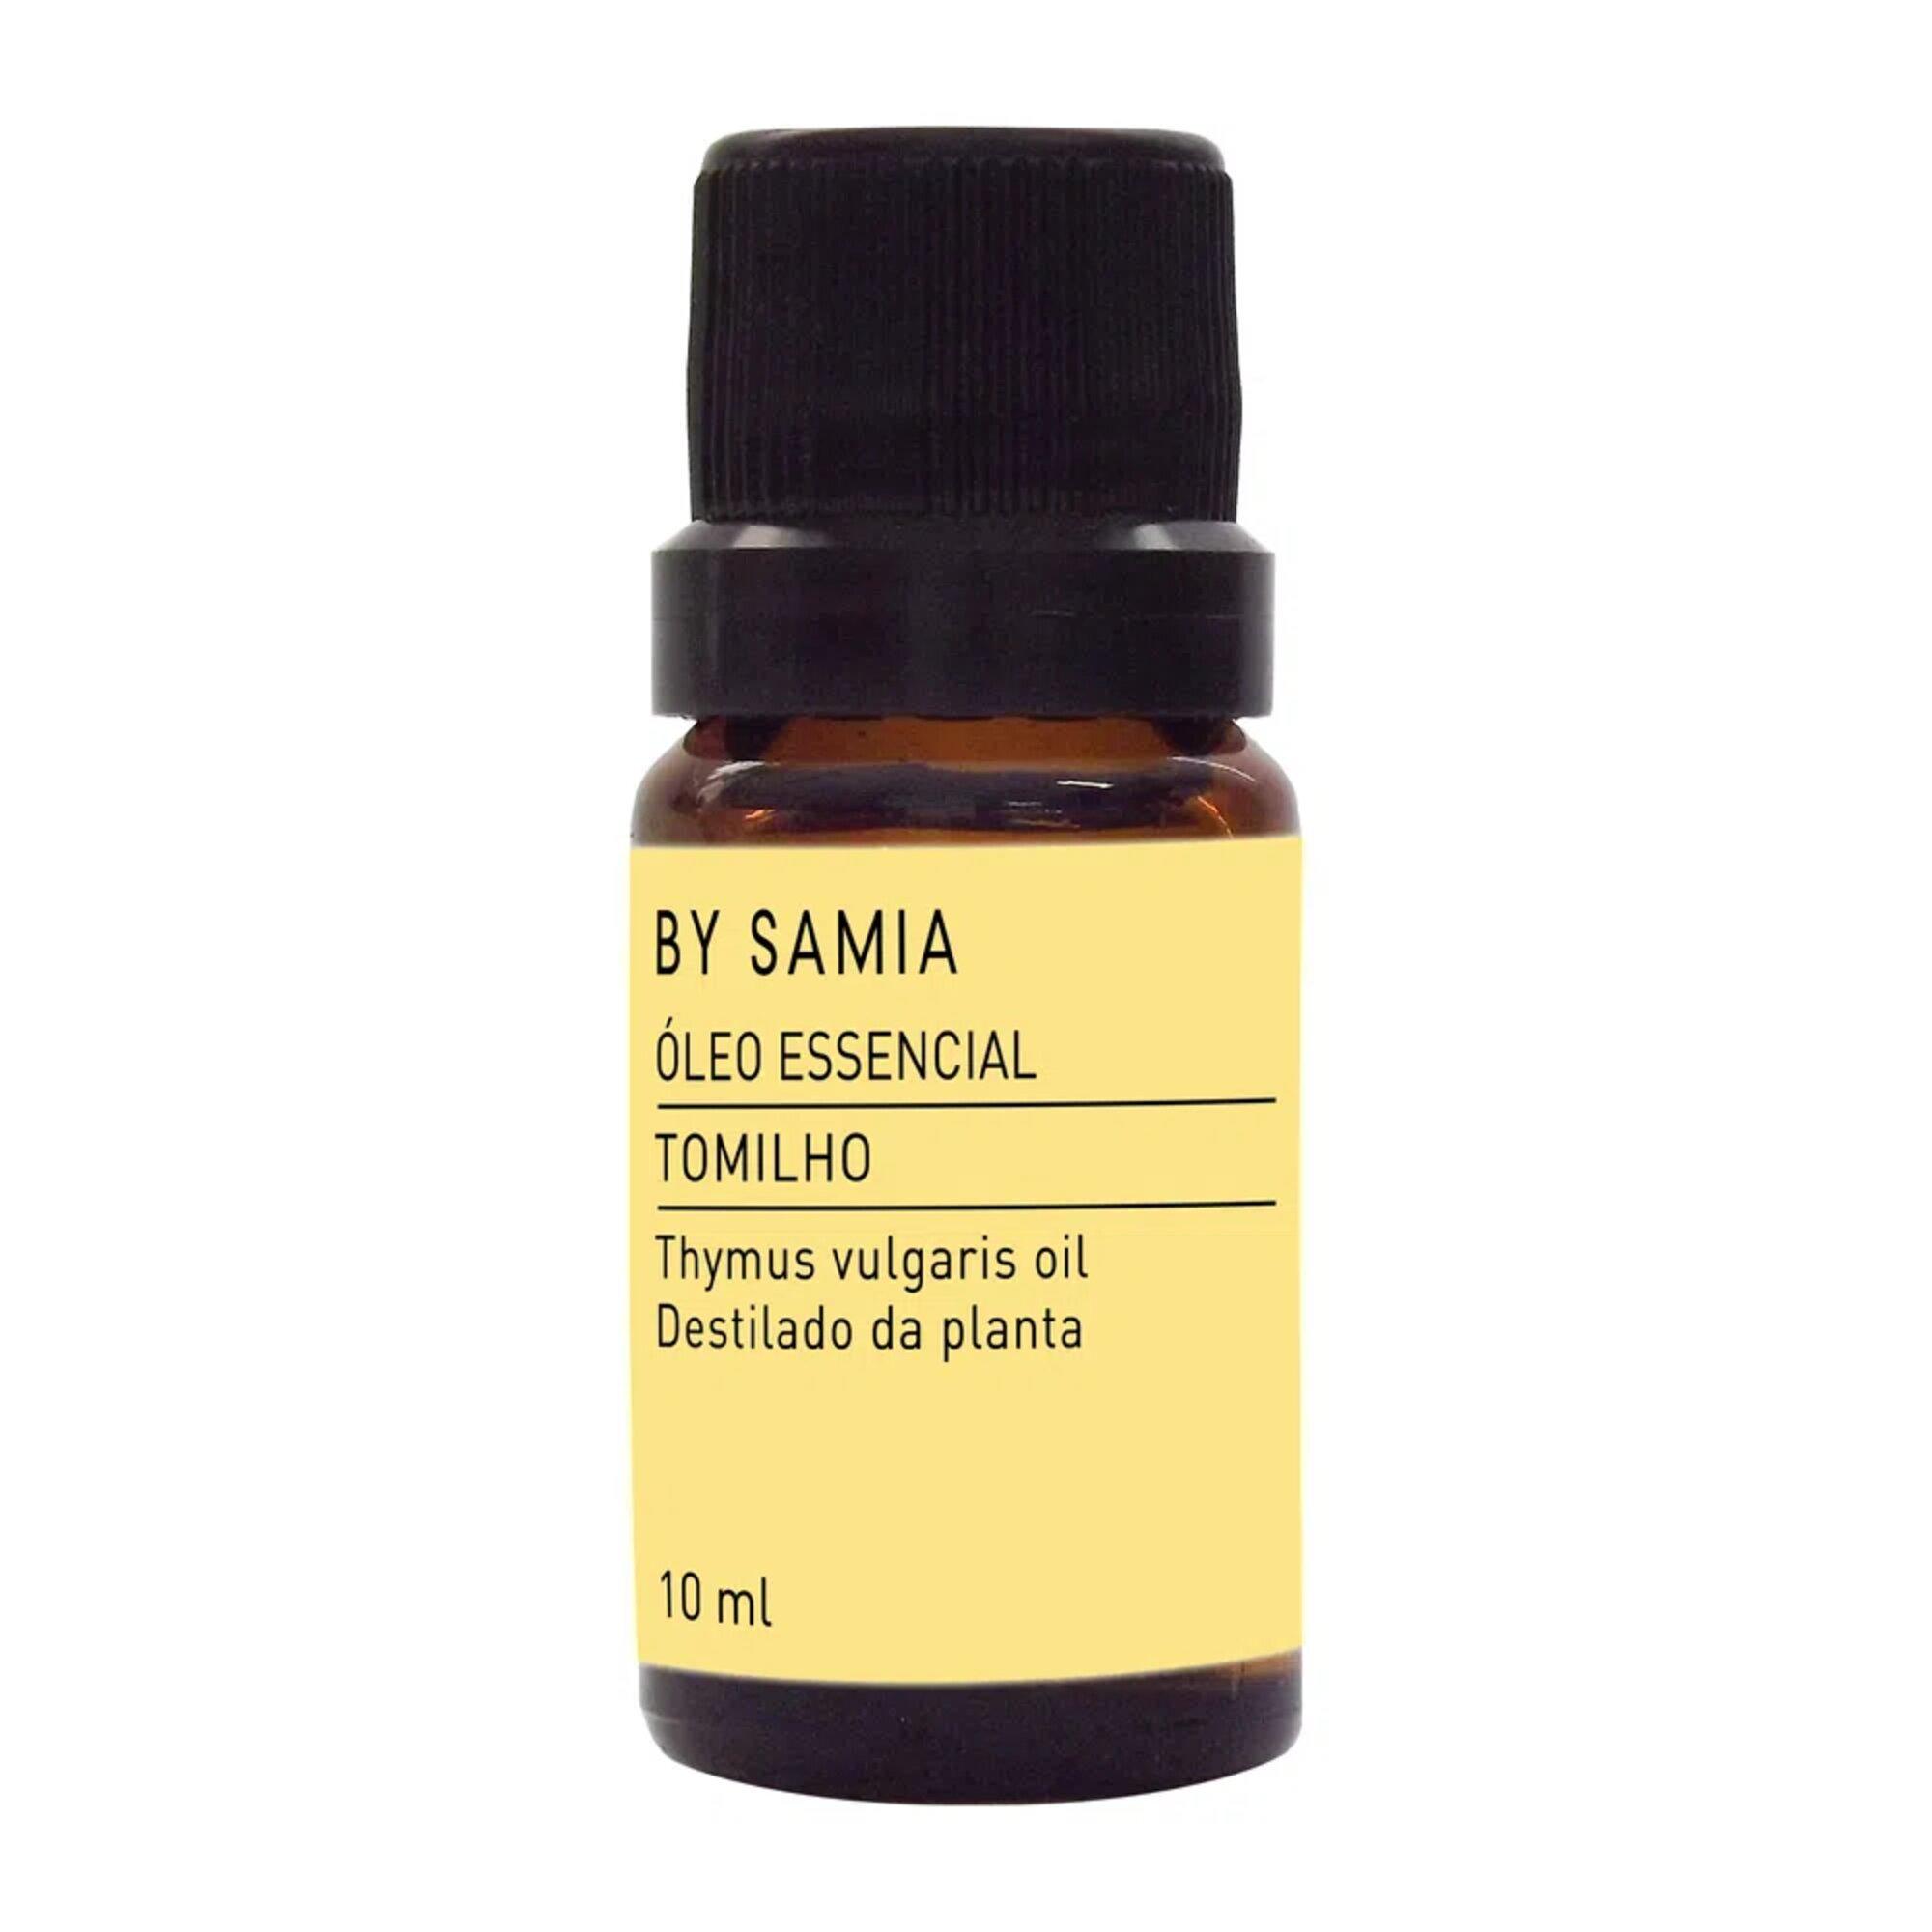 Óleo Essencial Tomilho 10mL By Samia